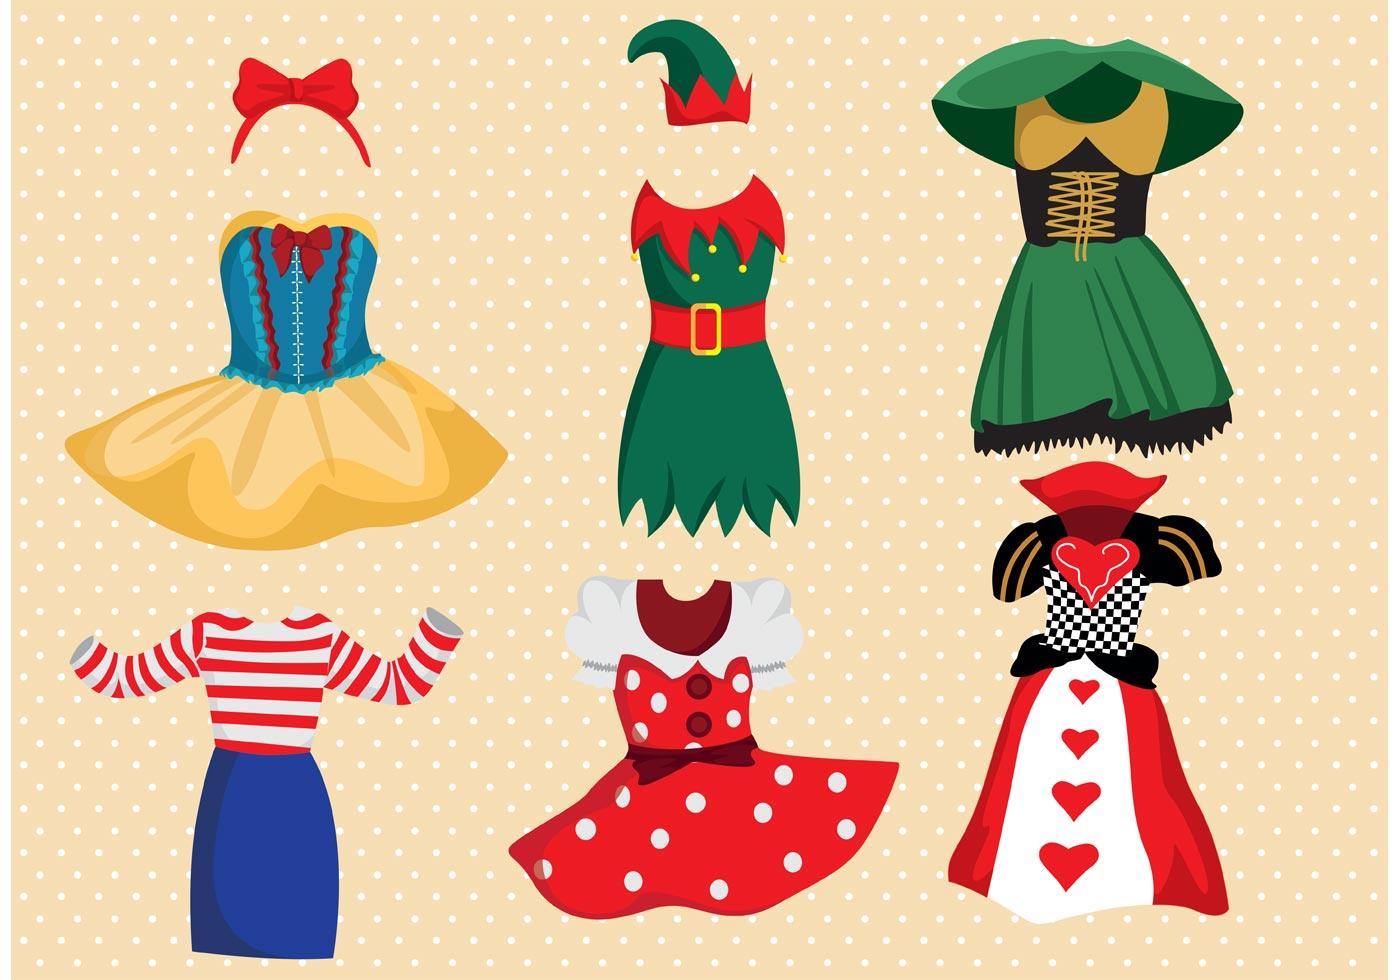 Fancy Dress Costume Vector Pack - Download Free Vectors ...